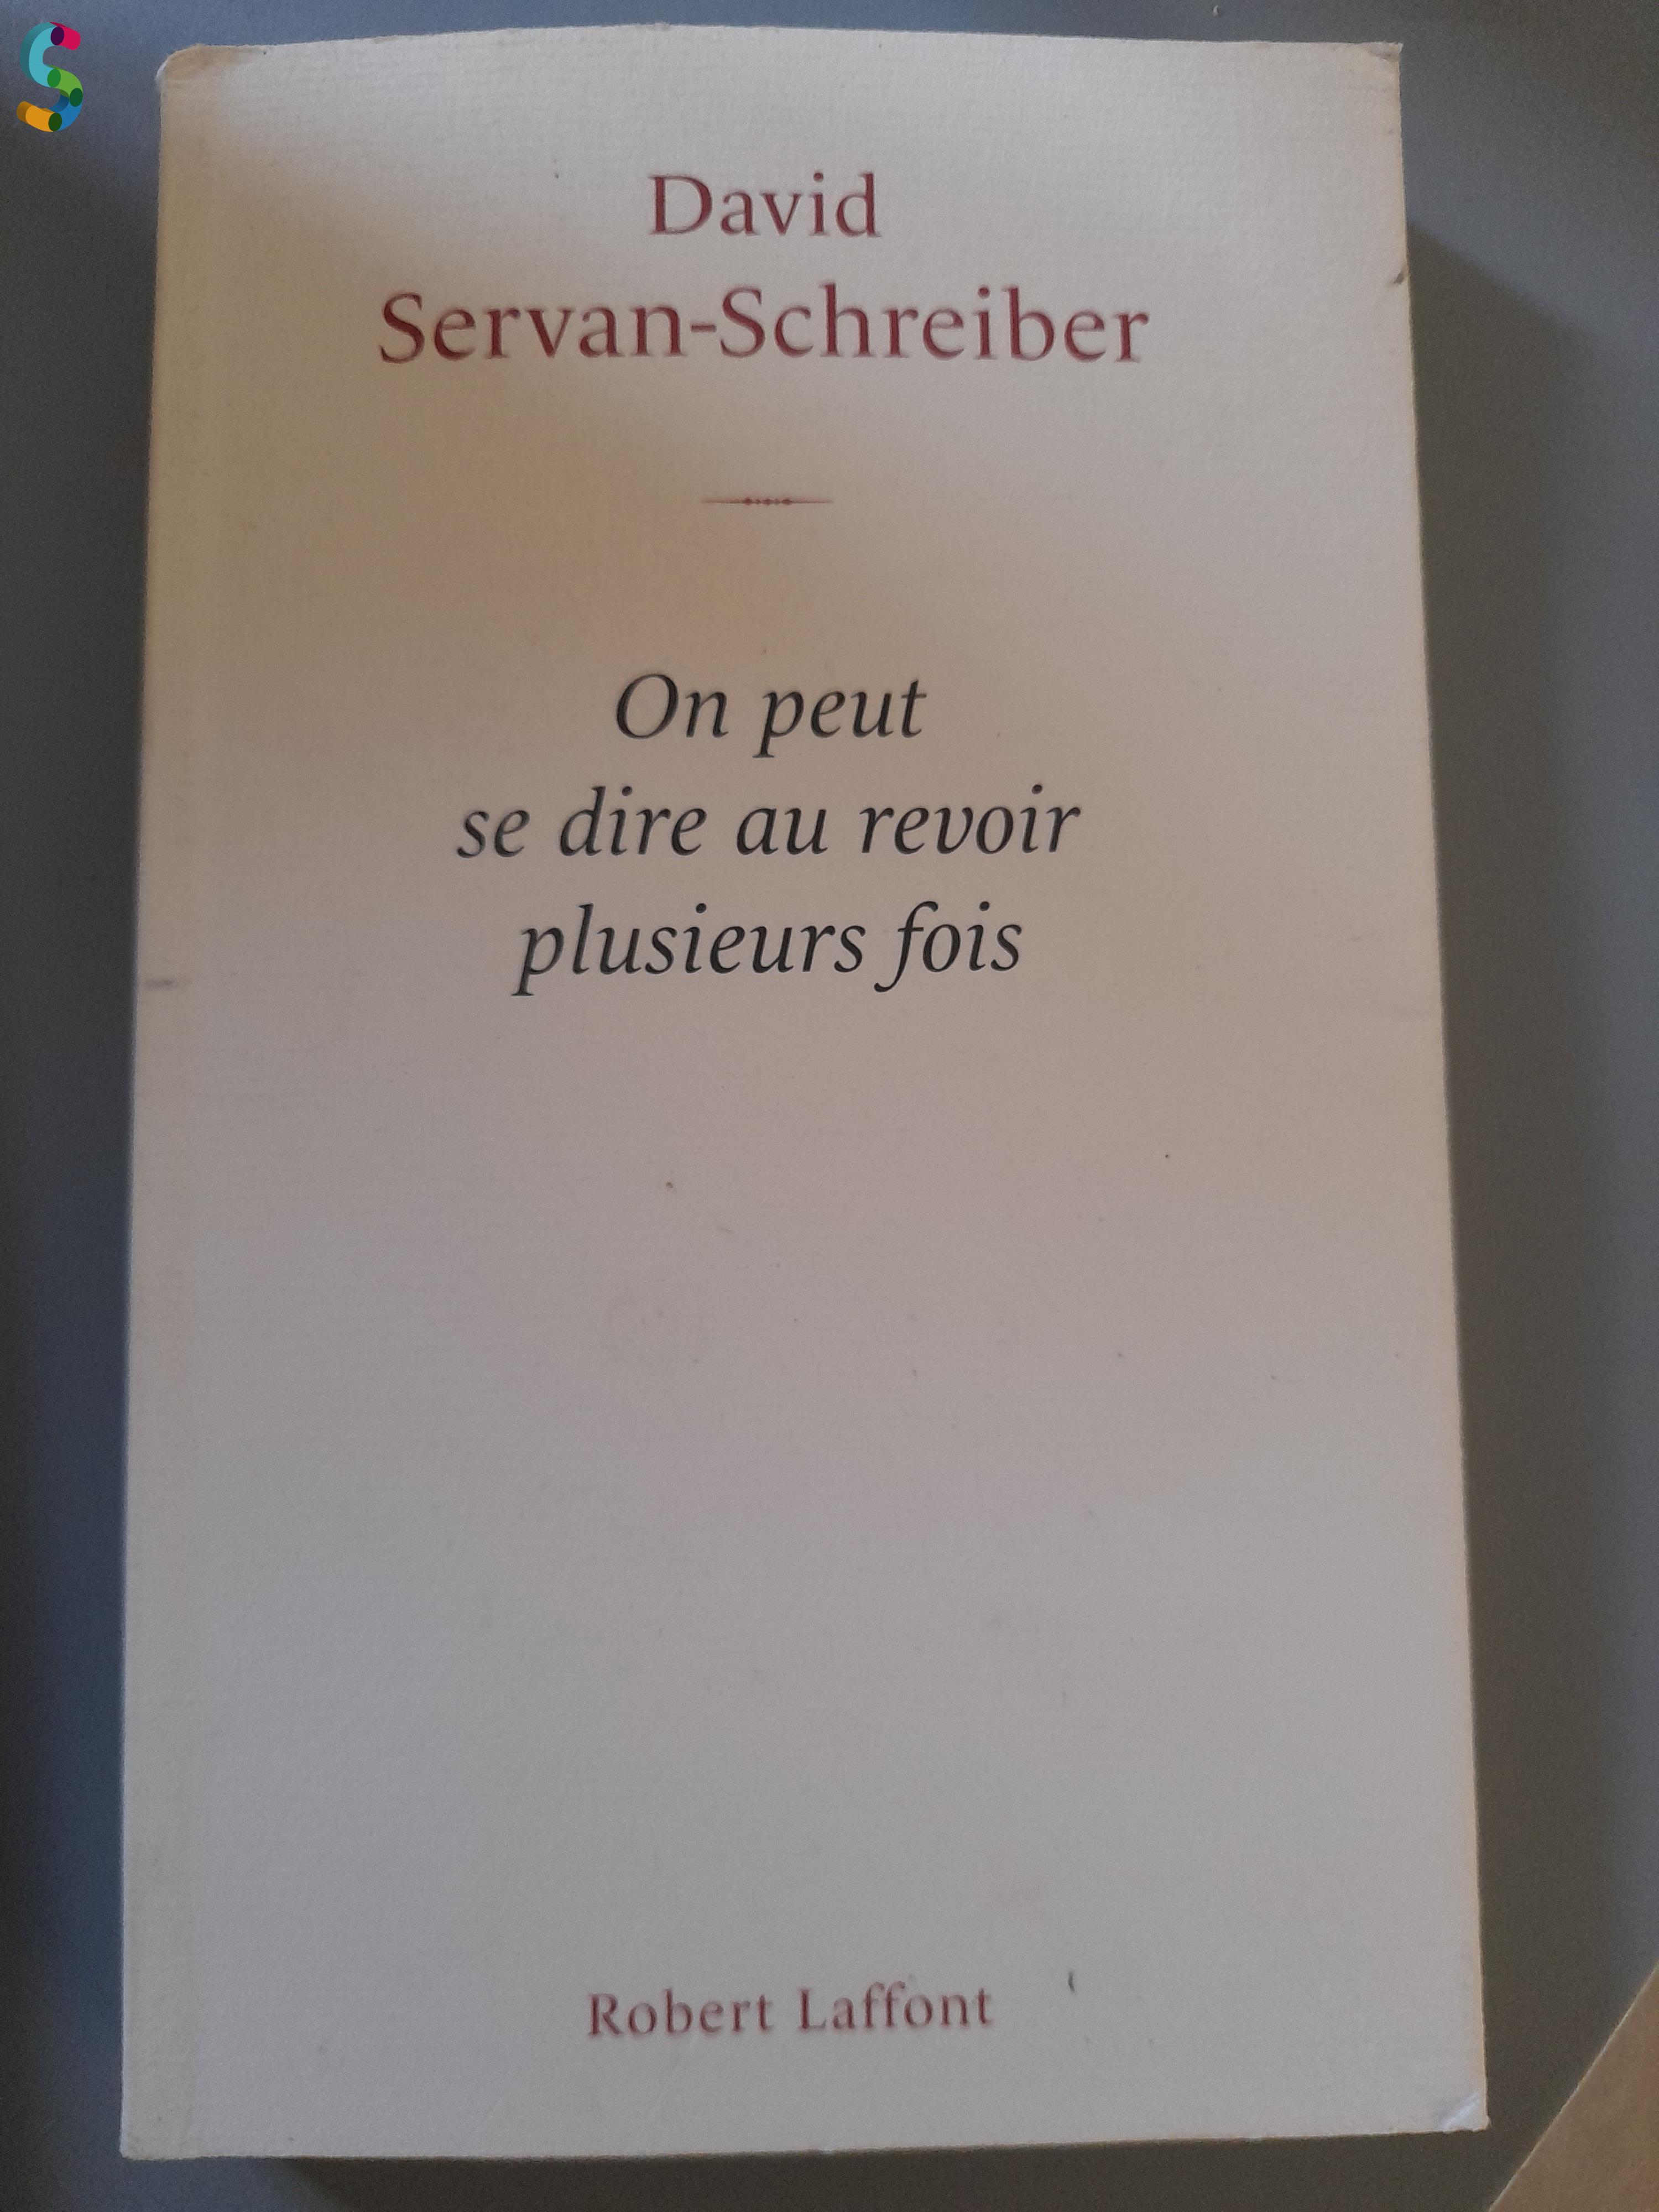 livre on peut se dire au revoir plusieurs fois David servan-schreiber